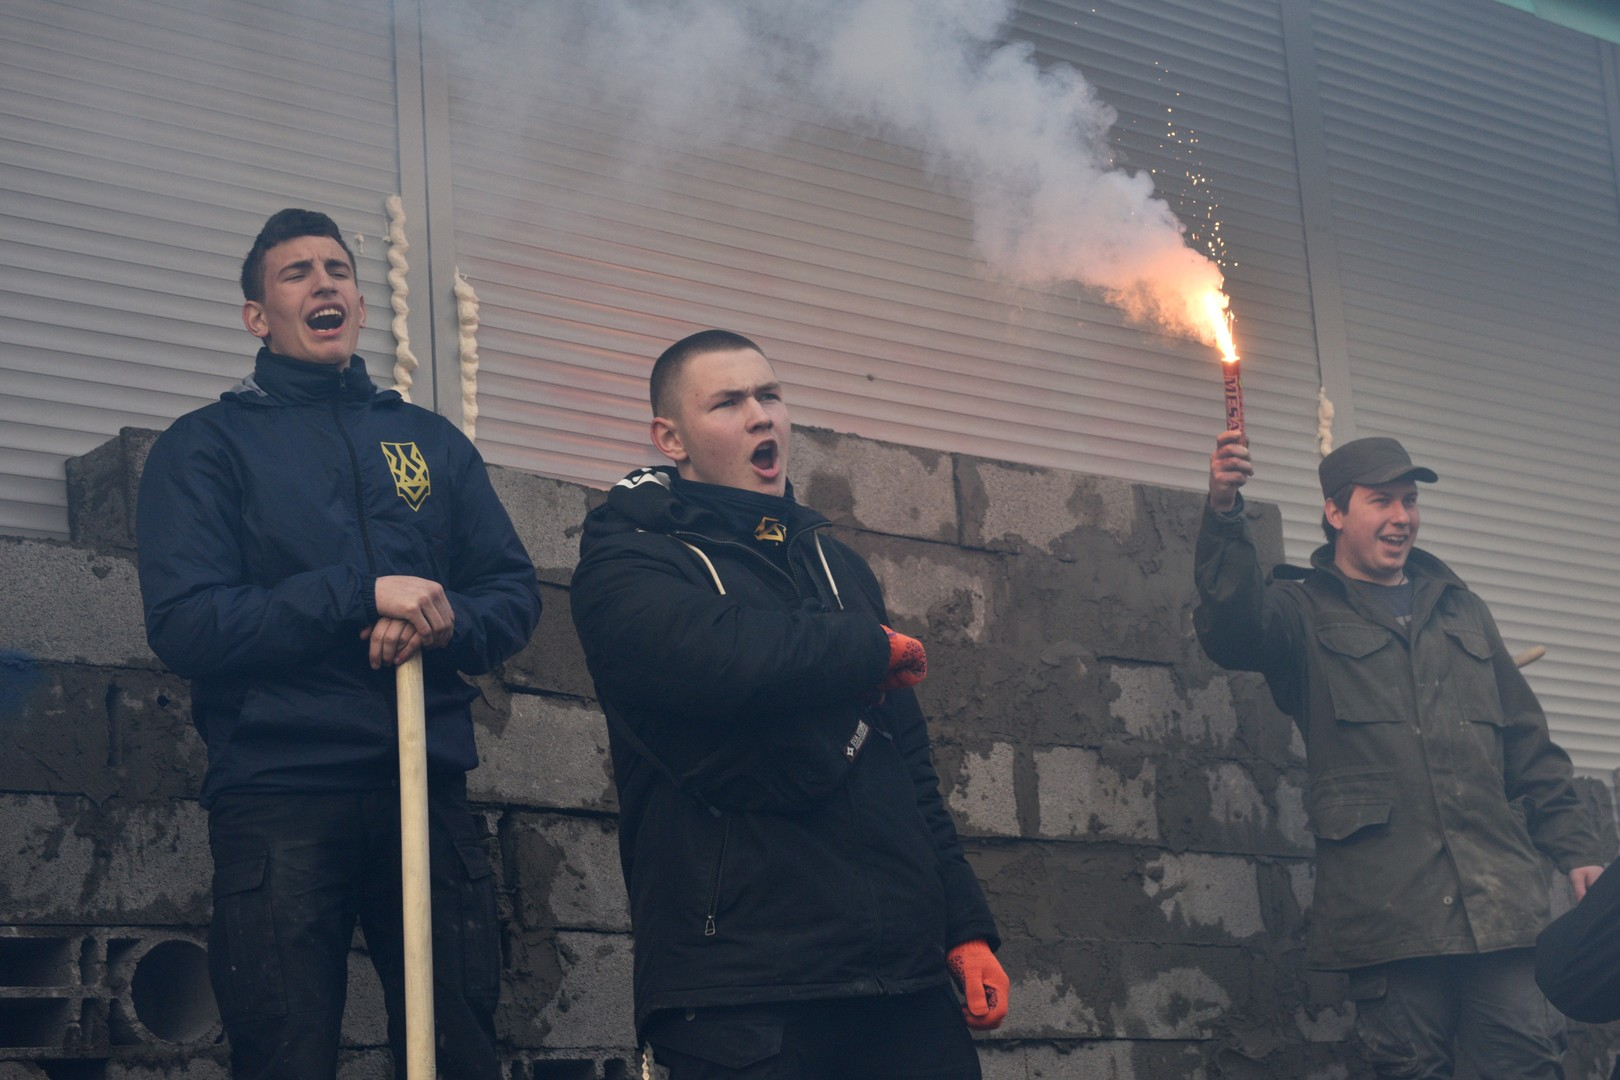 Mit bewährten Mitteln der Blockade: Radikale Nationalisten mauern russische Sberbank in Kiew zu